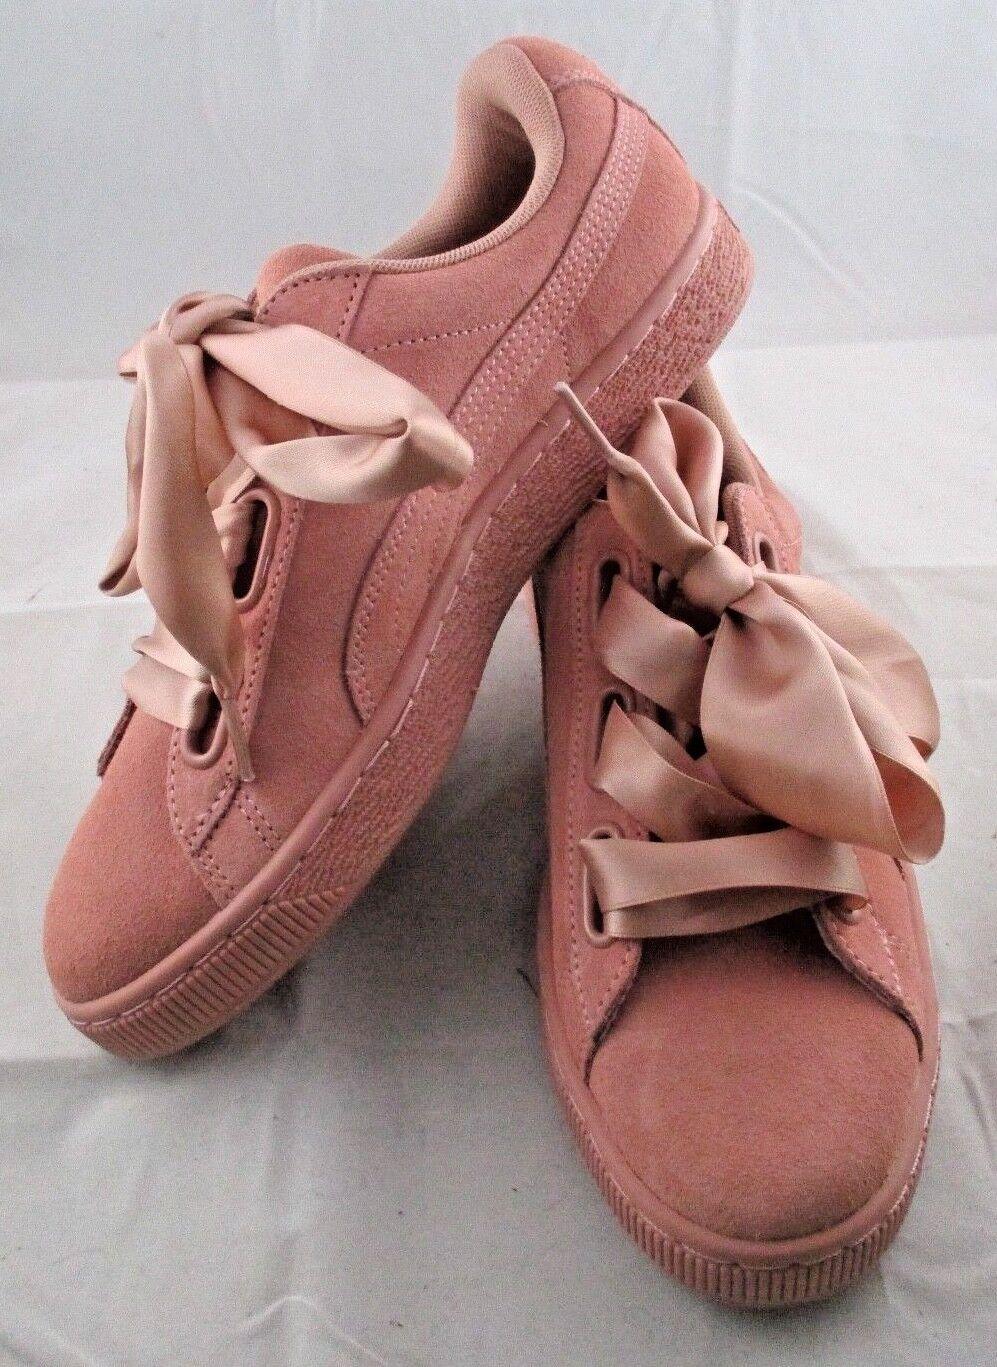 Le donne sono sz 9 scarpe puma cameo marrone scamosciato cuore raso ii [03] nuove 364084